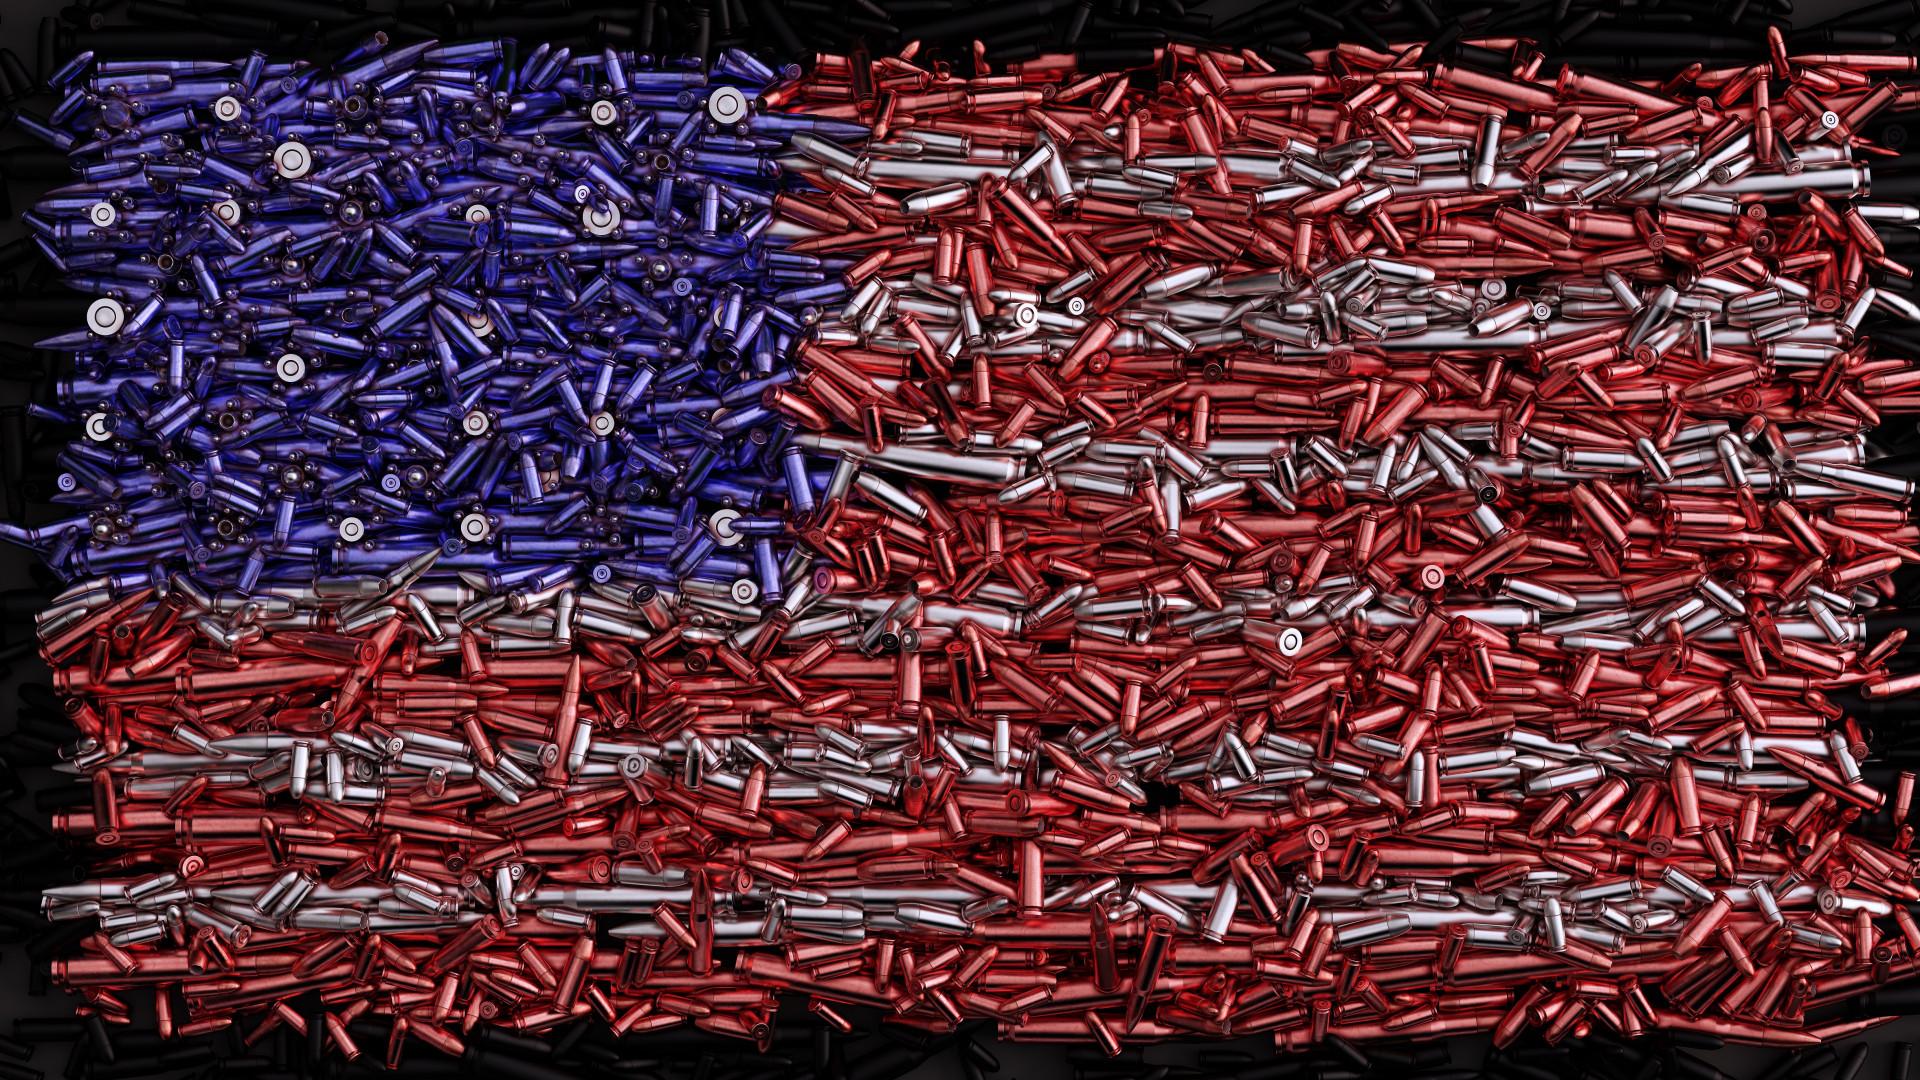 Tiroteio, lóbi e conspiração. Estados Unidos das armas numa encruzilhada